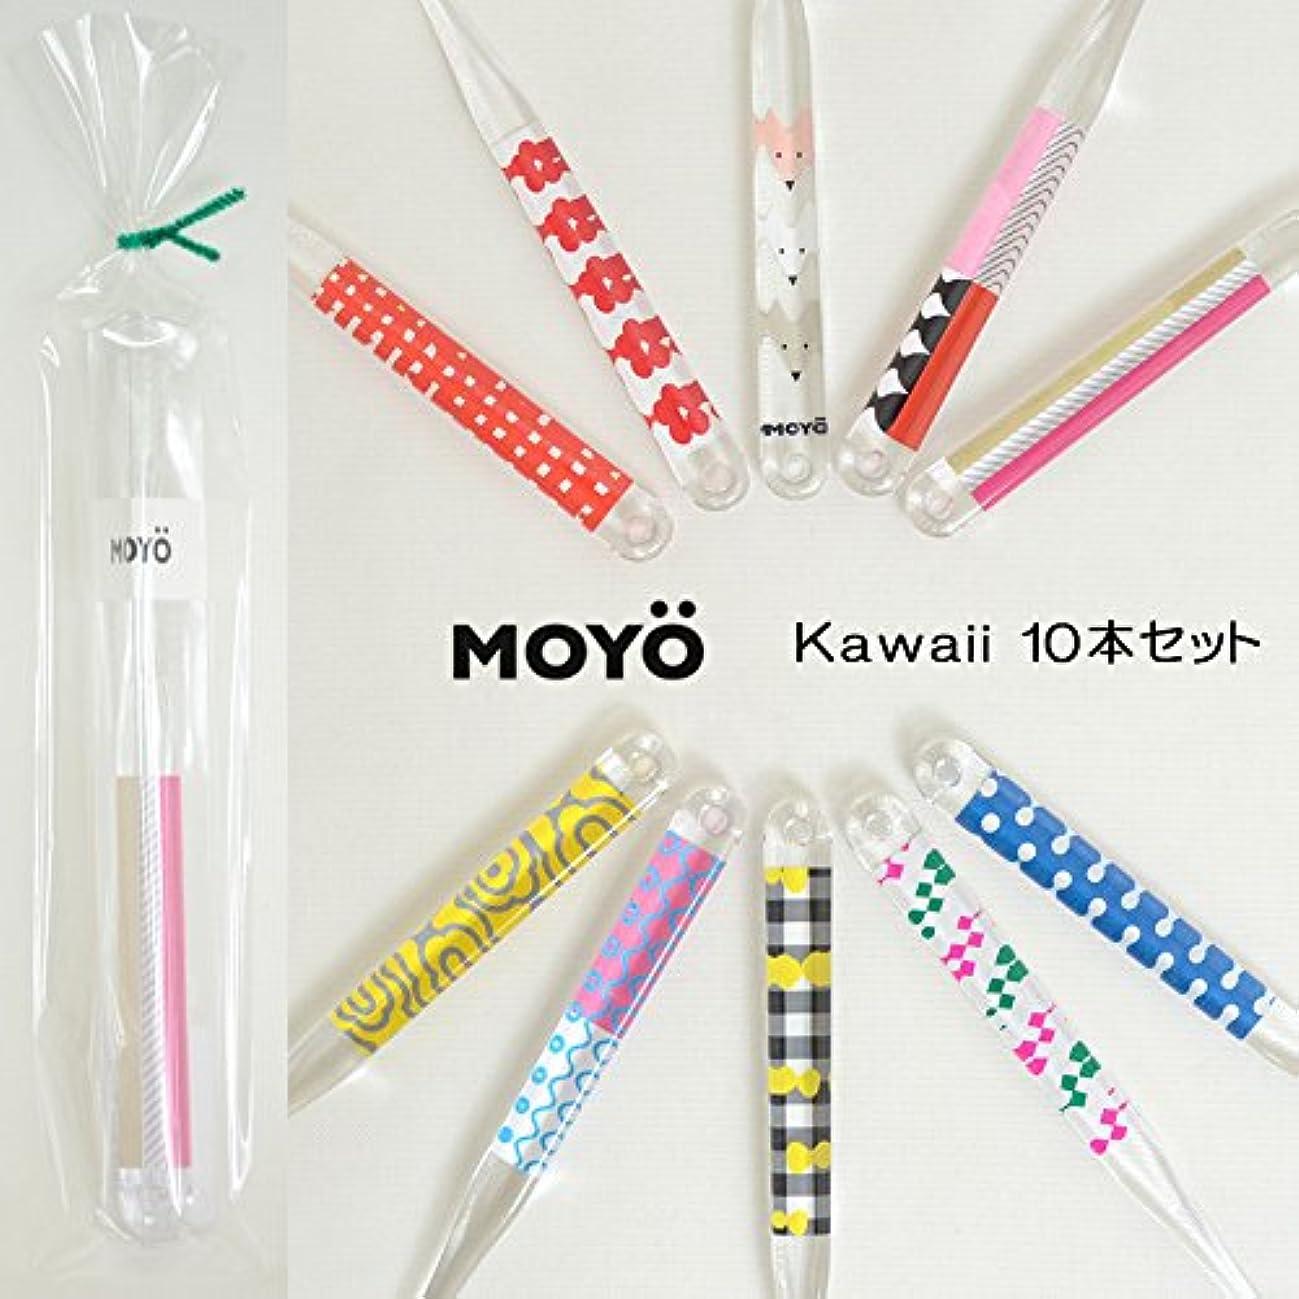 大脳グラフィック失われたMOYO モヨウ kawaii10本 プチ ギフト セット_562302-kawaii2 【F】,kawaii10本セット